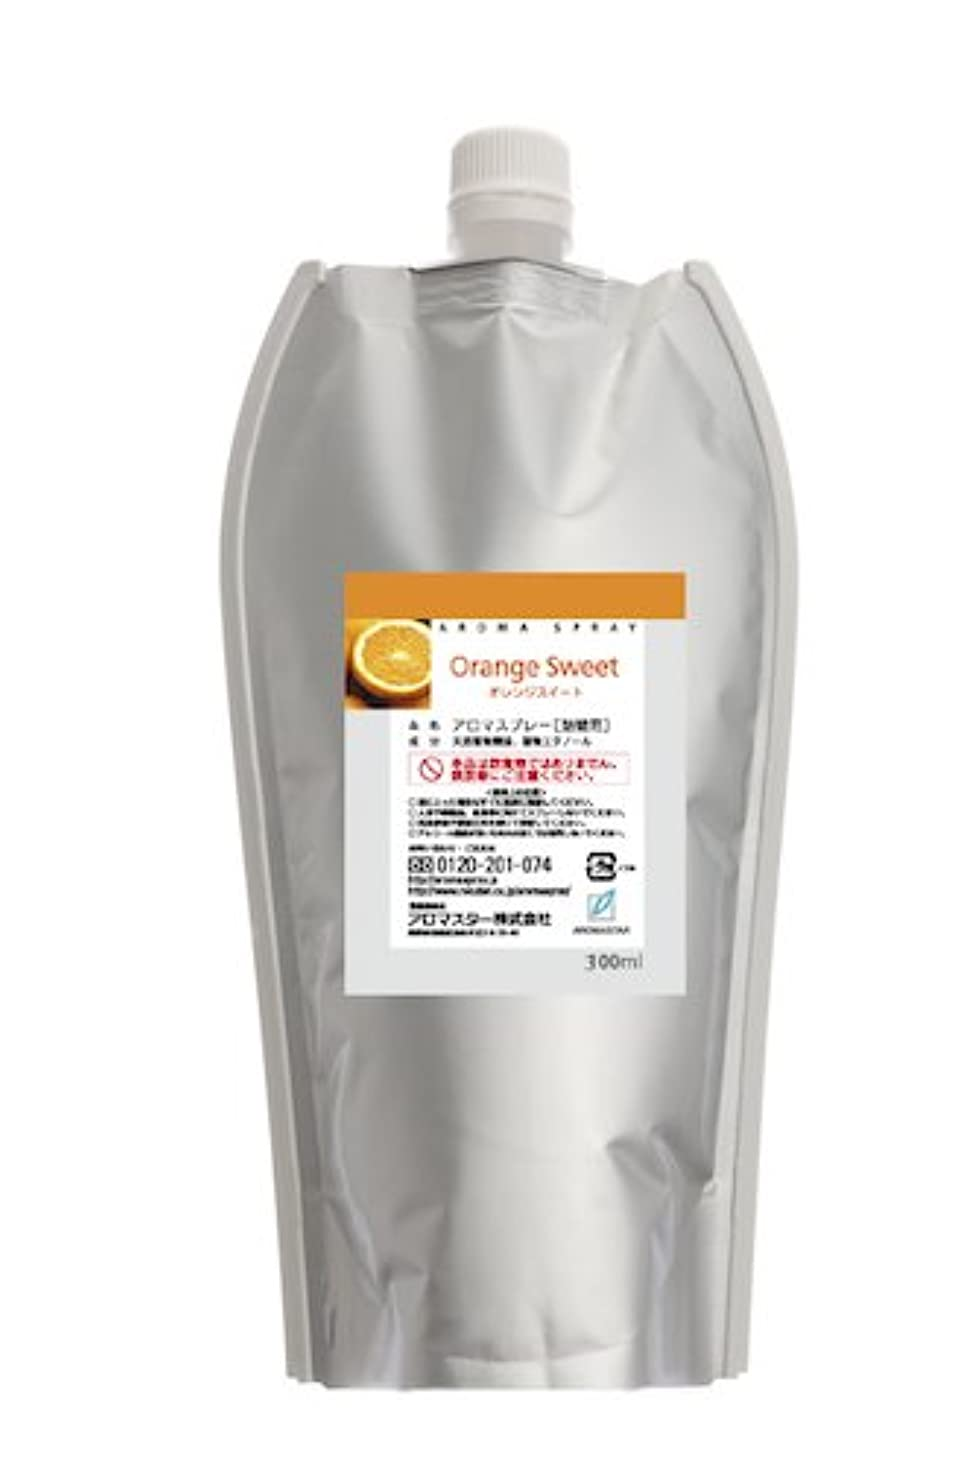 テラス振る舞うカテゴリーAROMASTAR(アロマスター) アロマスプレー オレンジ 300ml詰替用(エコパック)